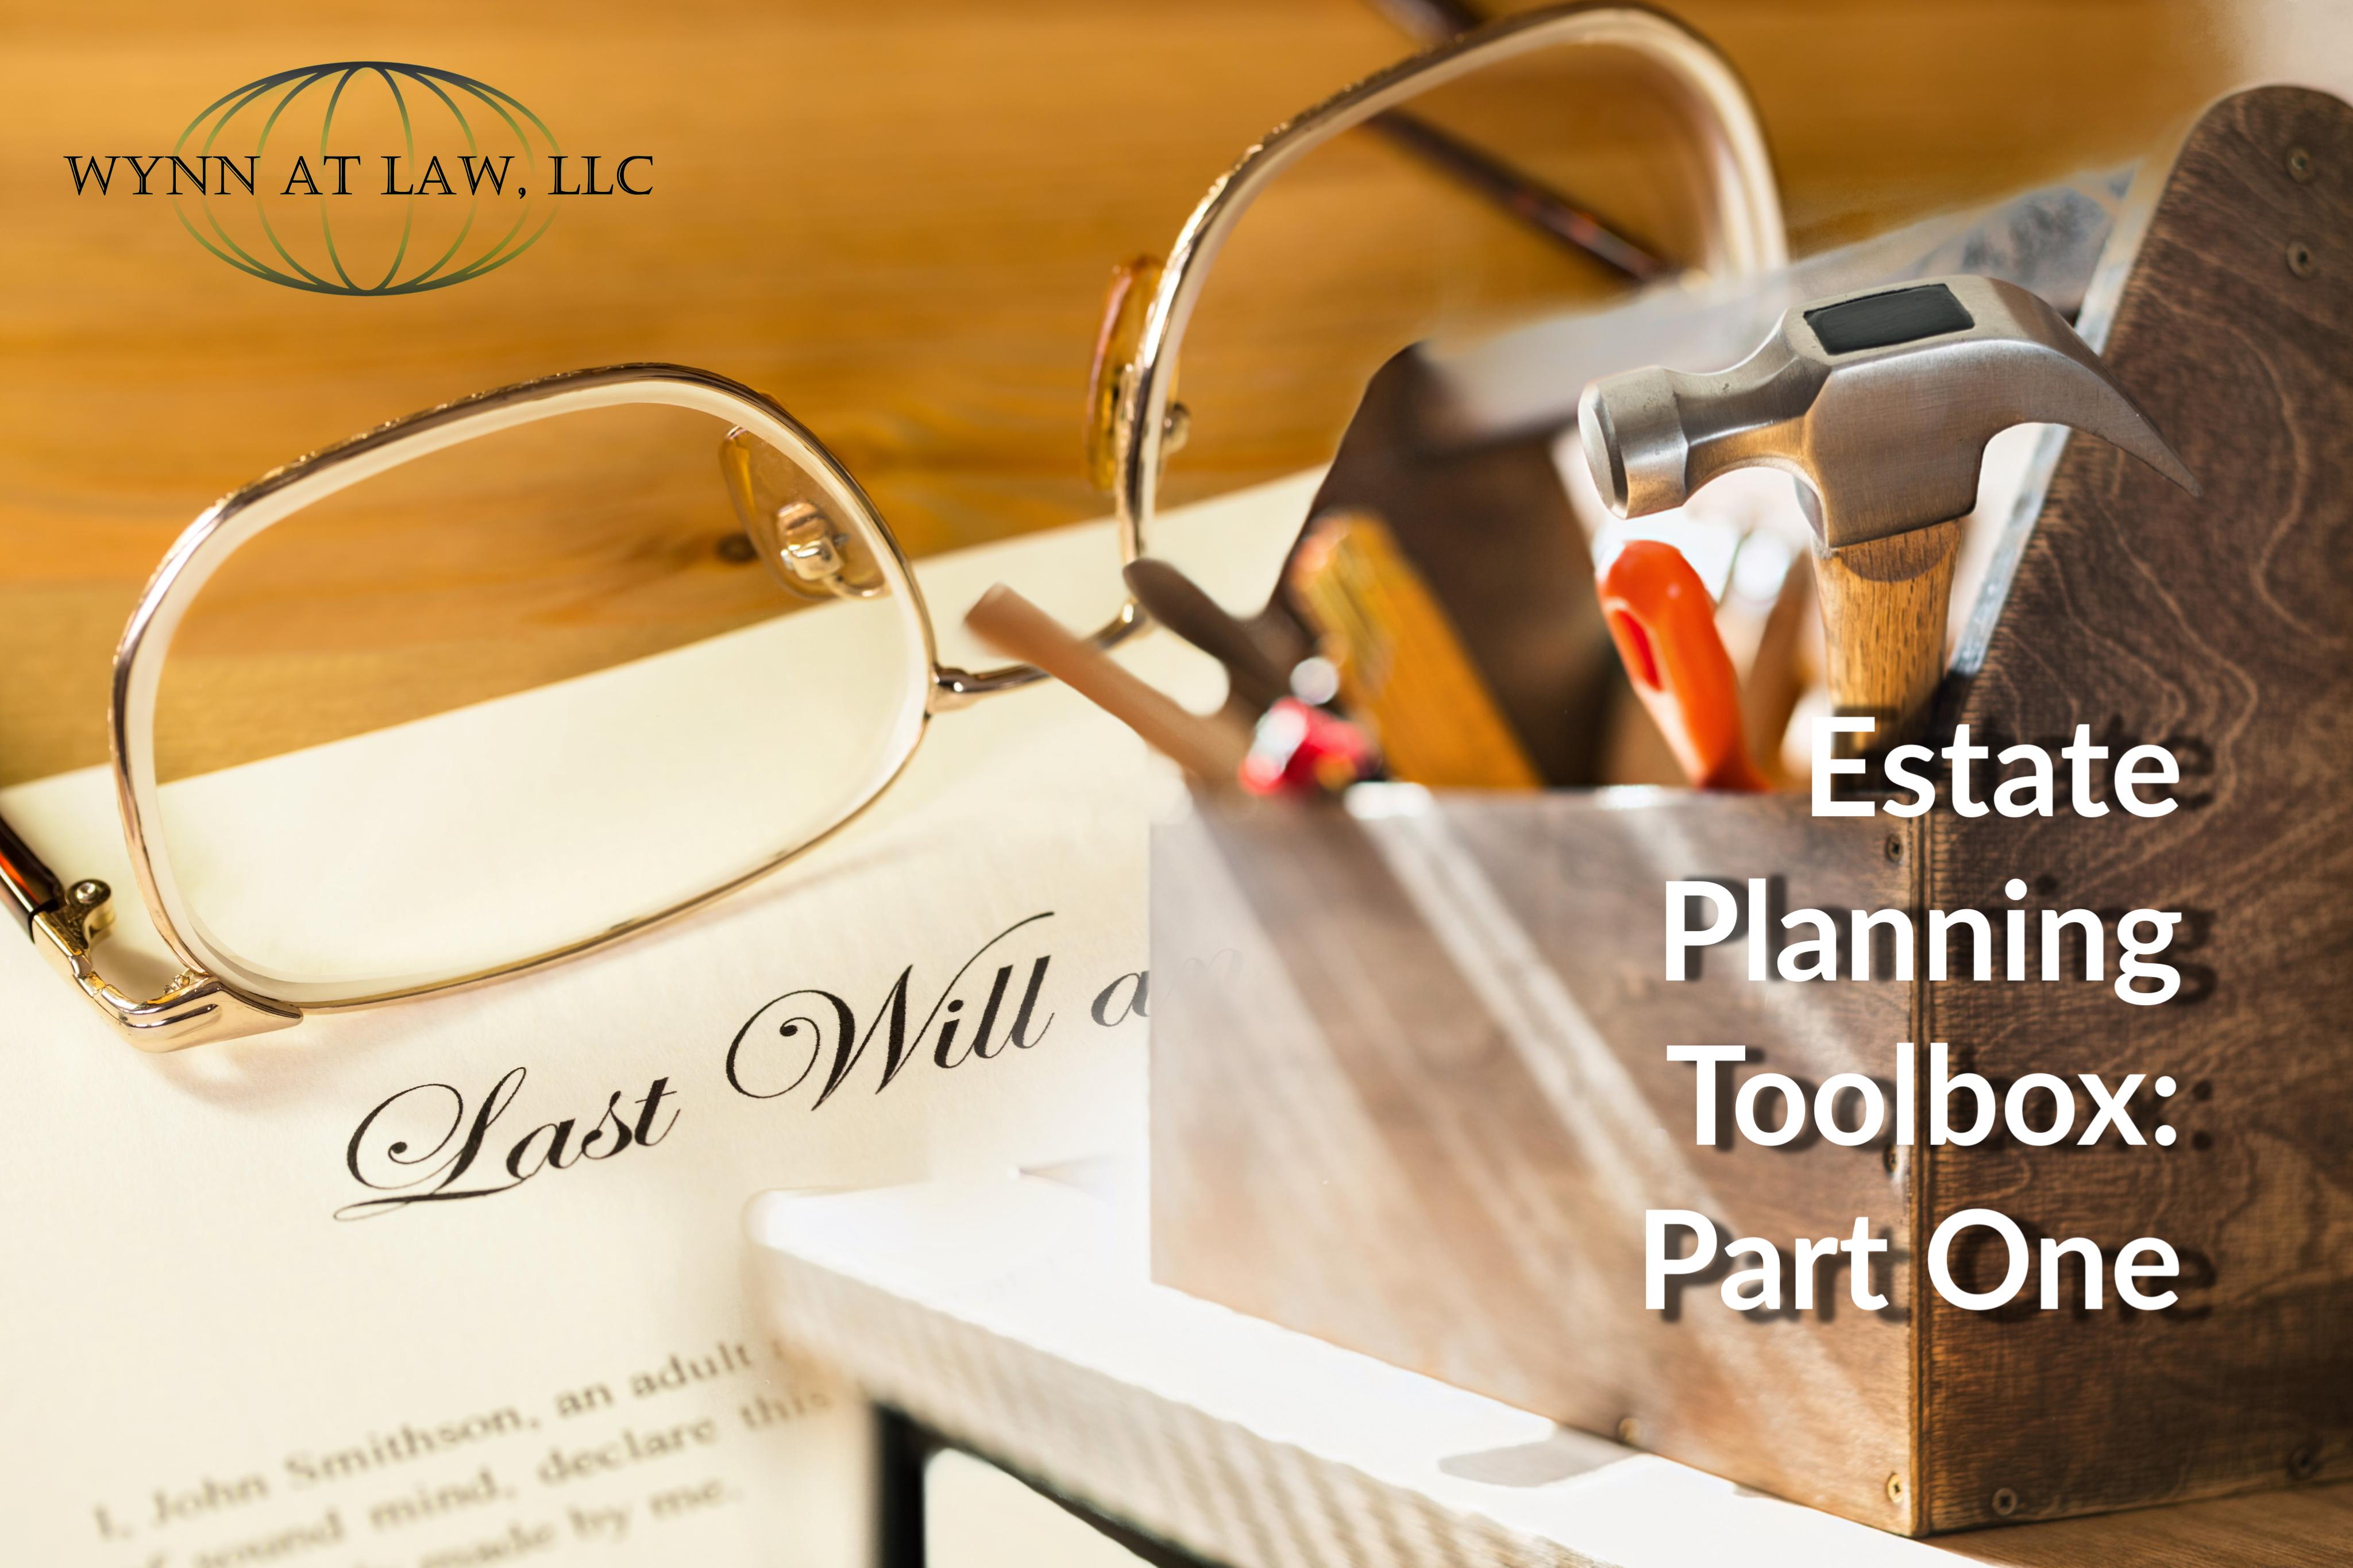 wisconsin estate planning